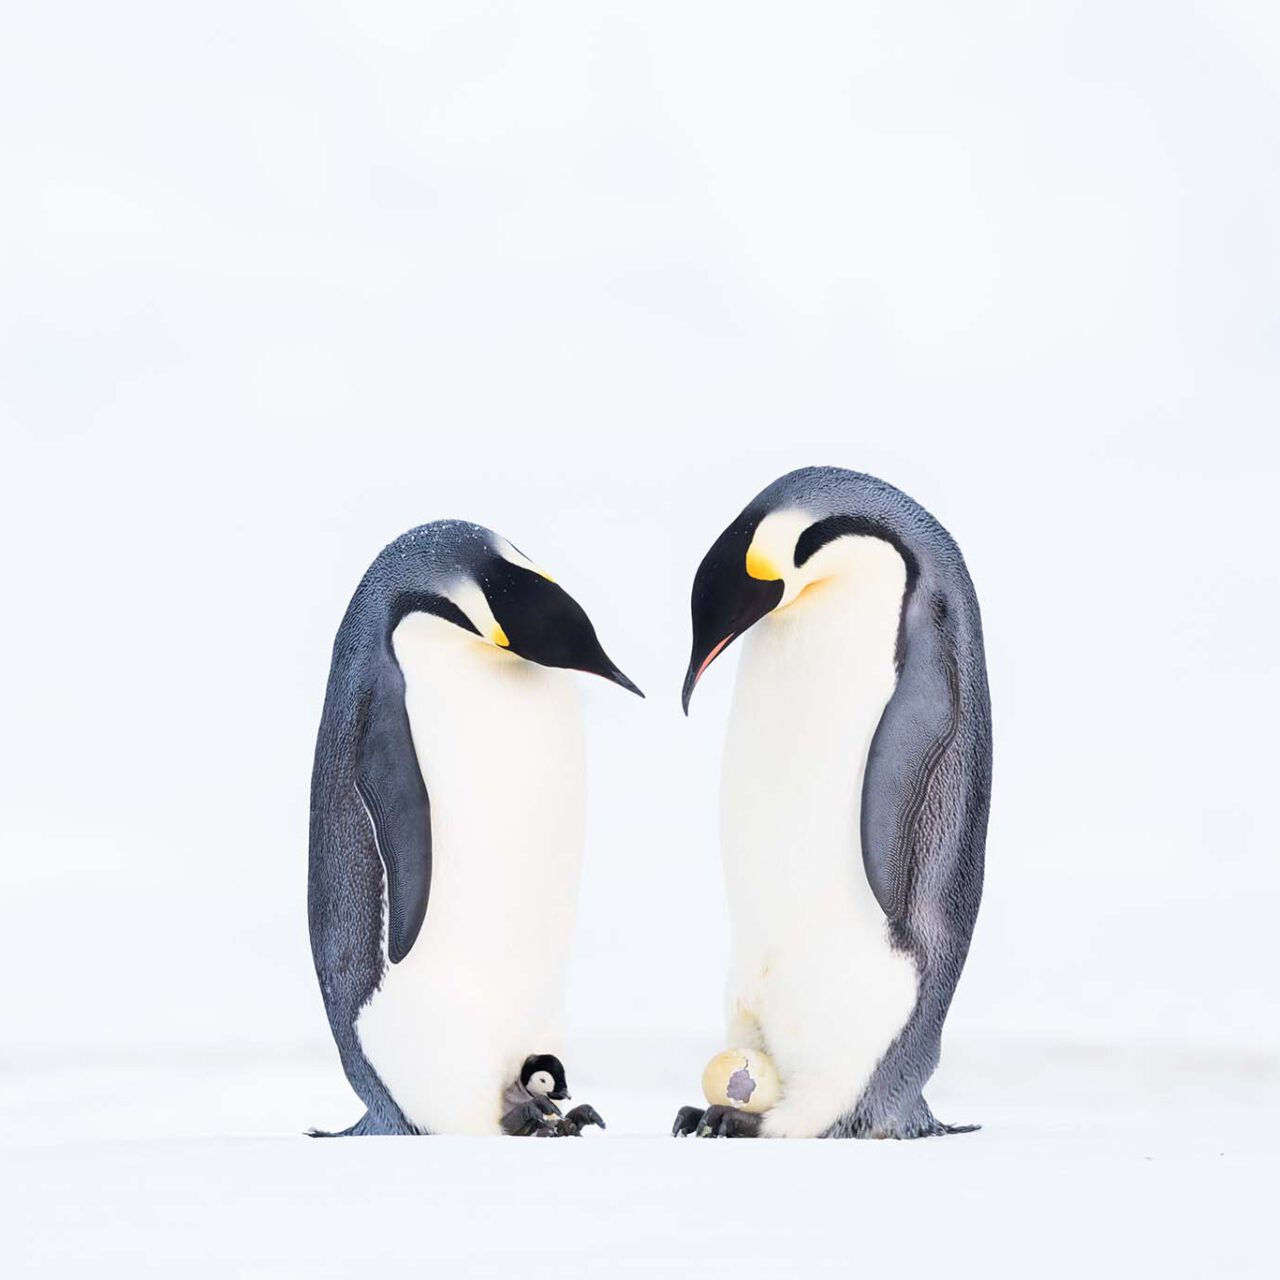 05 - © Stefan Christmann - Pinguinliebe – Ein Bund Für Leben